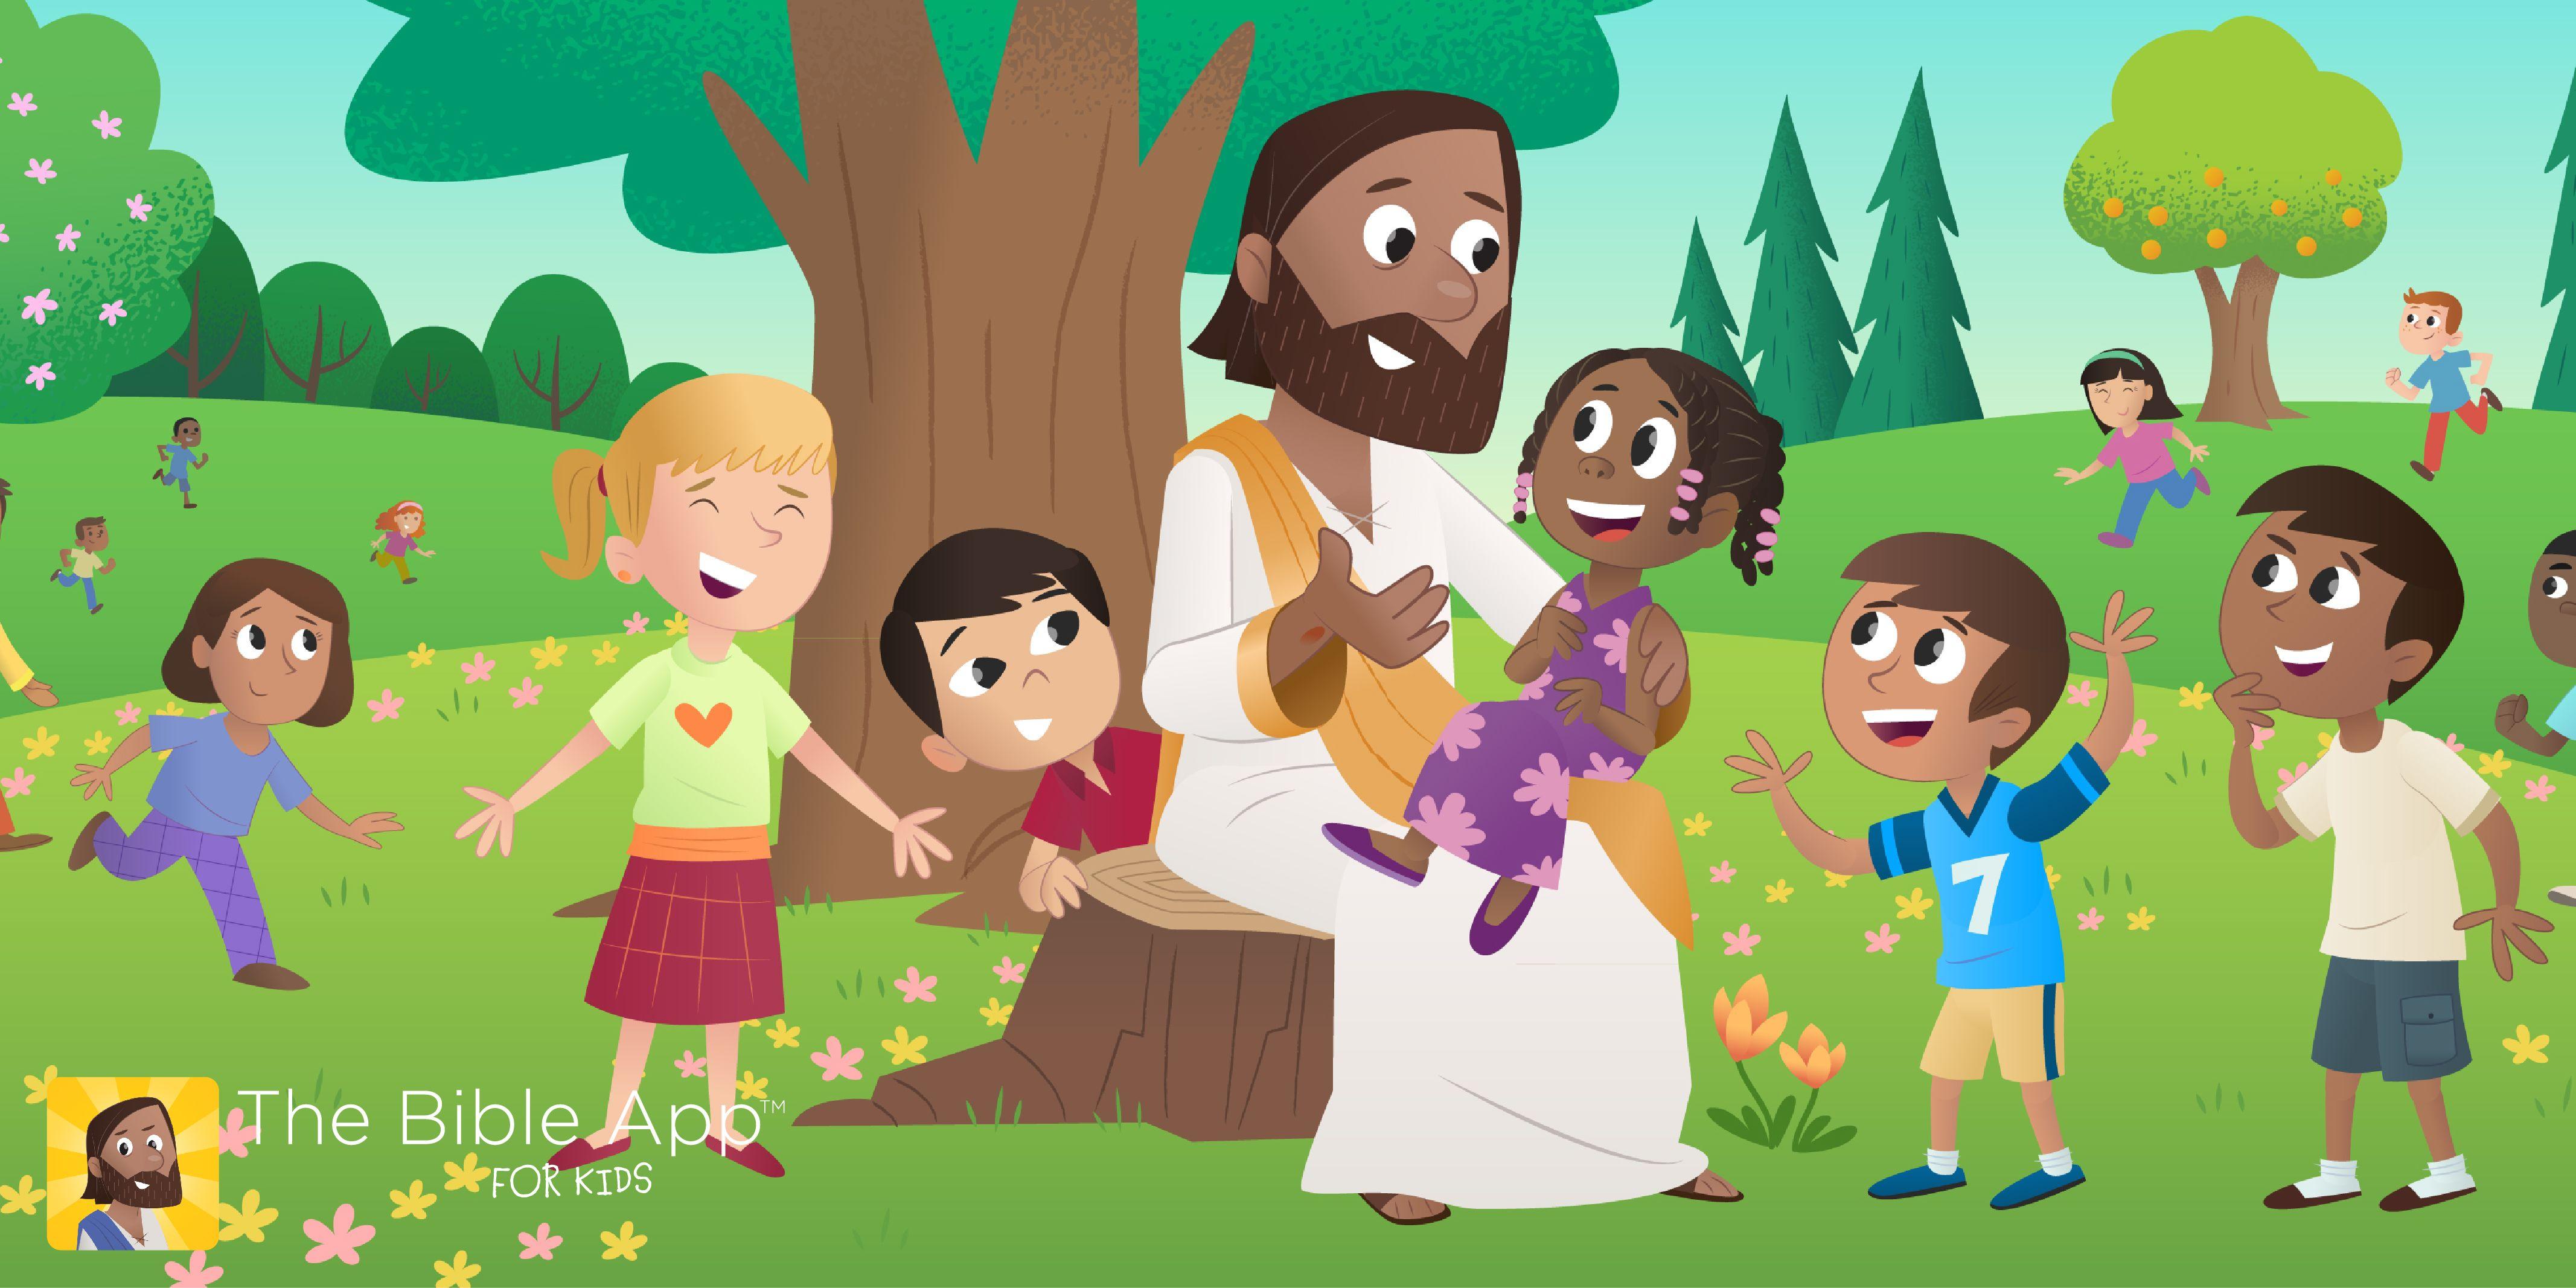 medium resolution of bible story images for kids google search jesus cura cria ao do mundo bible